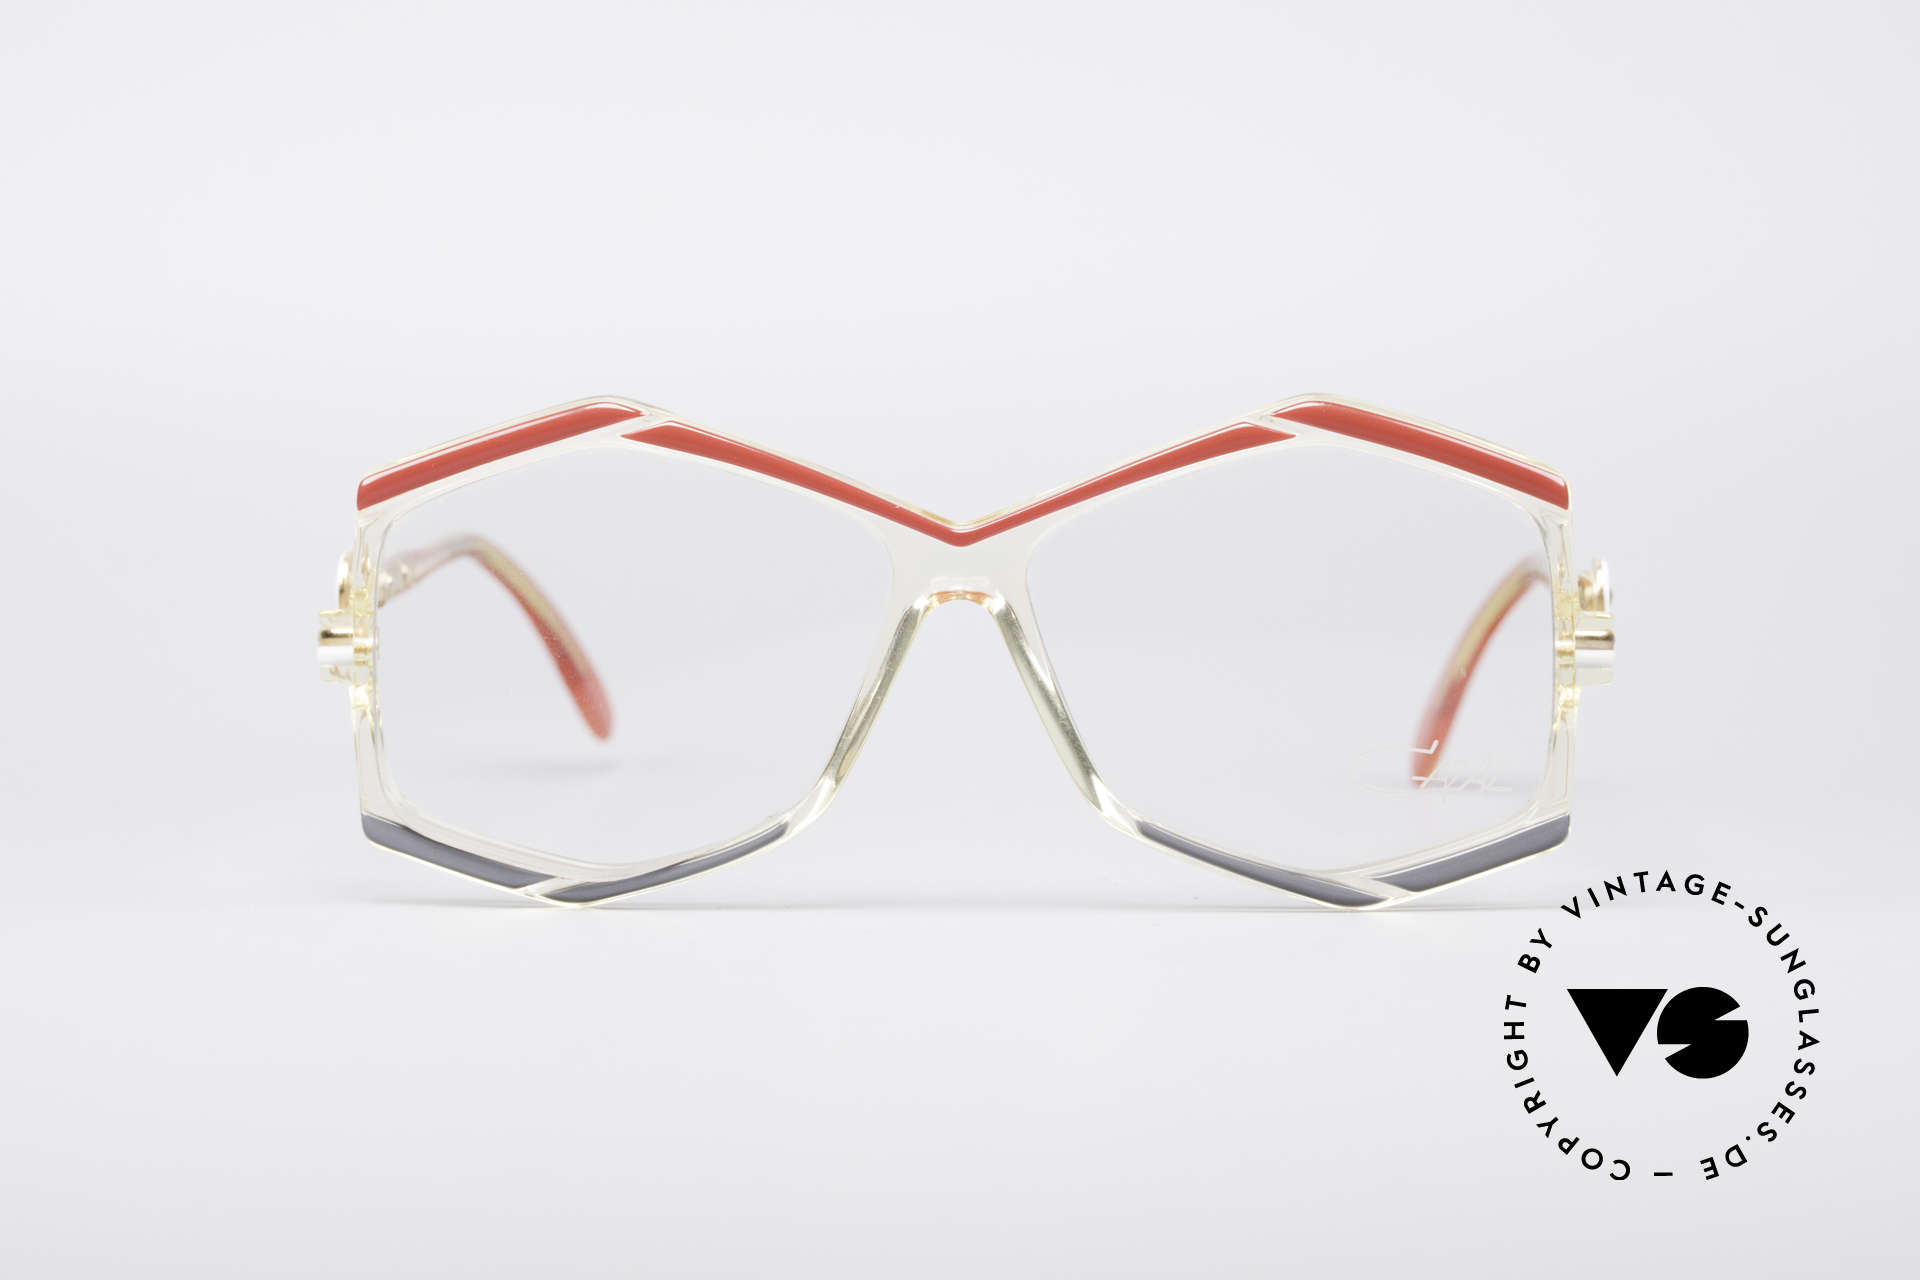 Cazal 180 80er Designerbrille, klarer Rahmen mit tollen ungewöhnlichen Farben, Passend für Damen